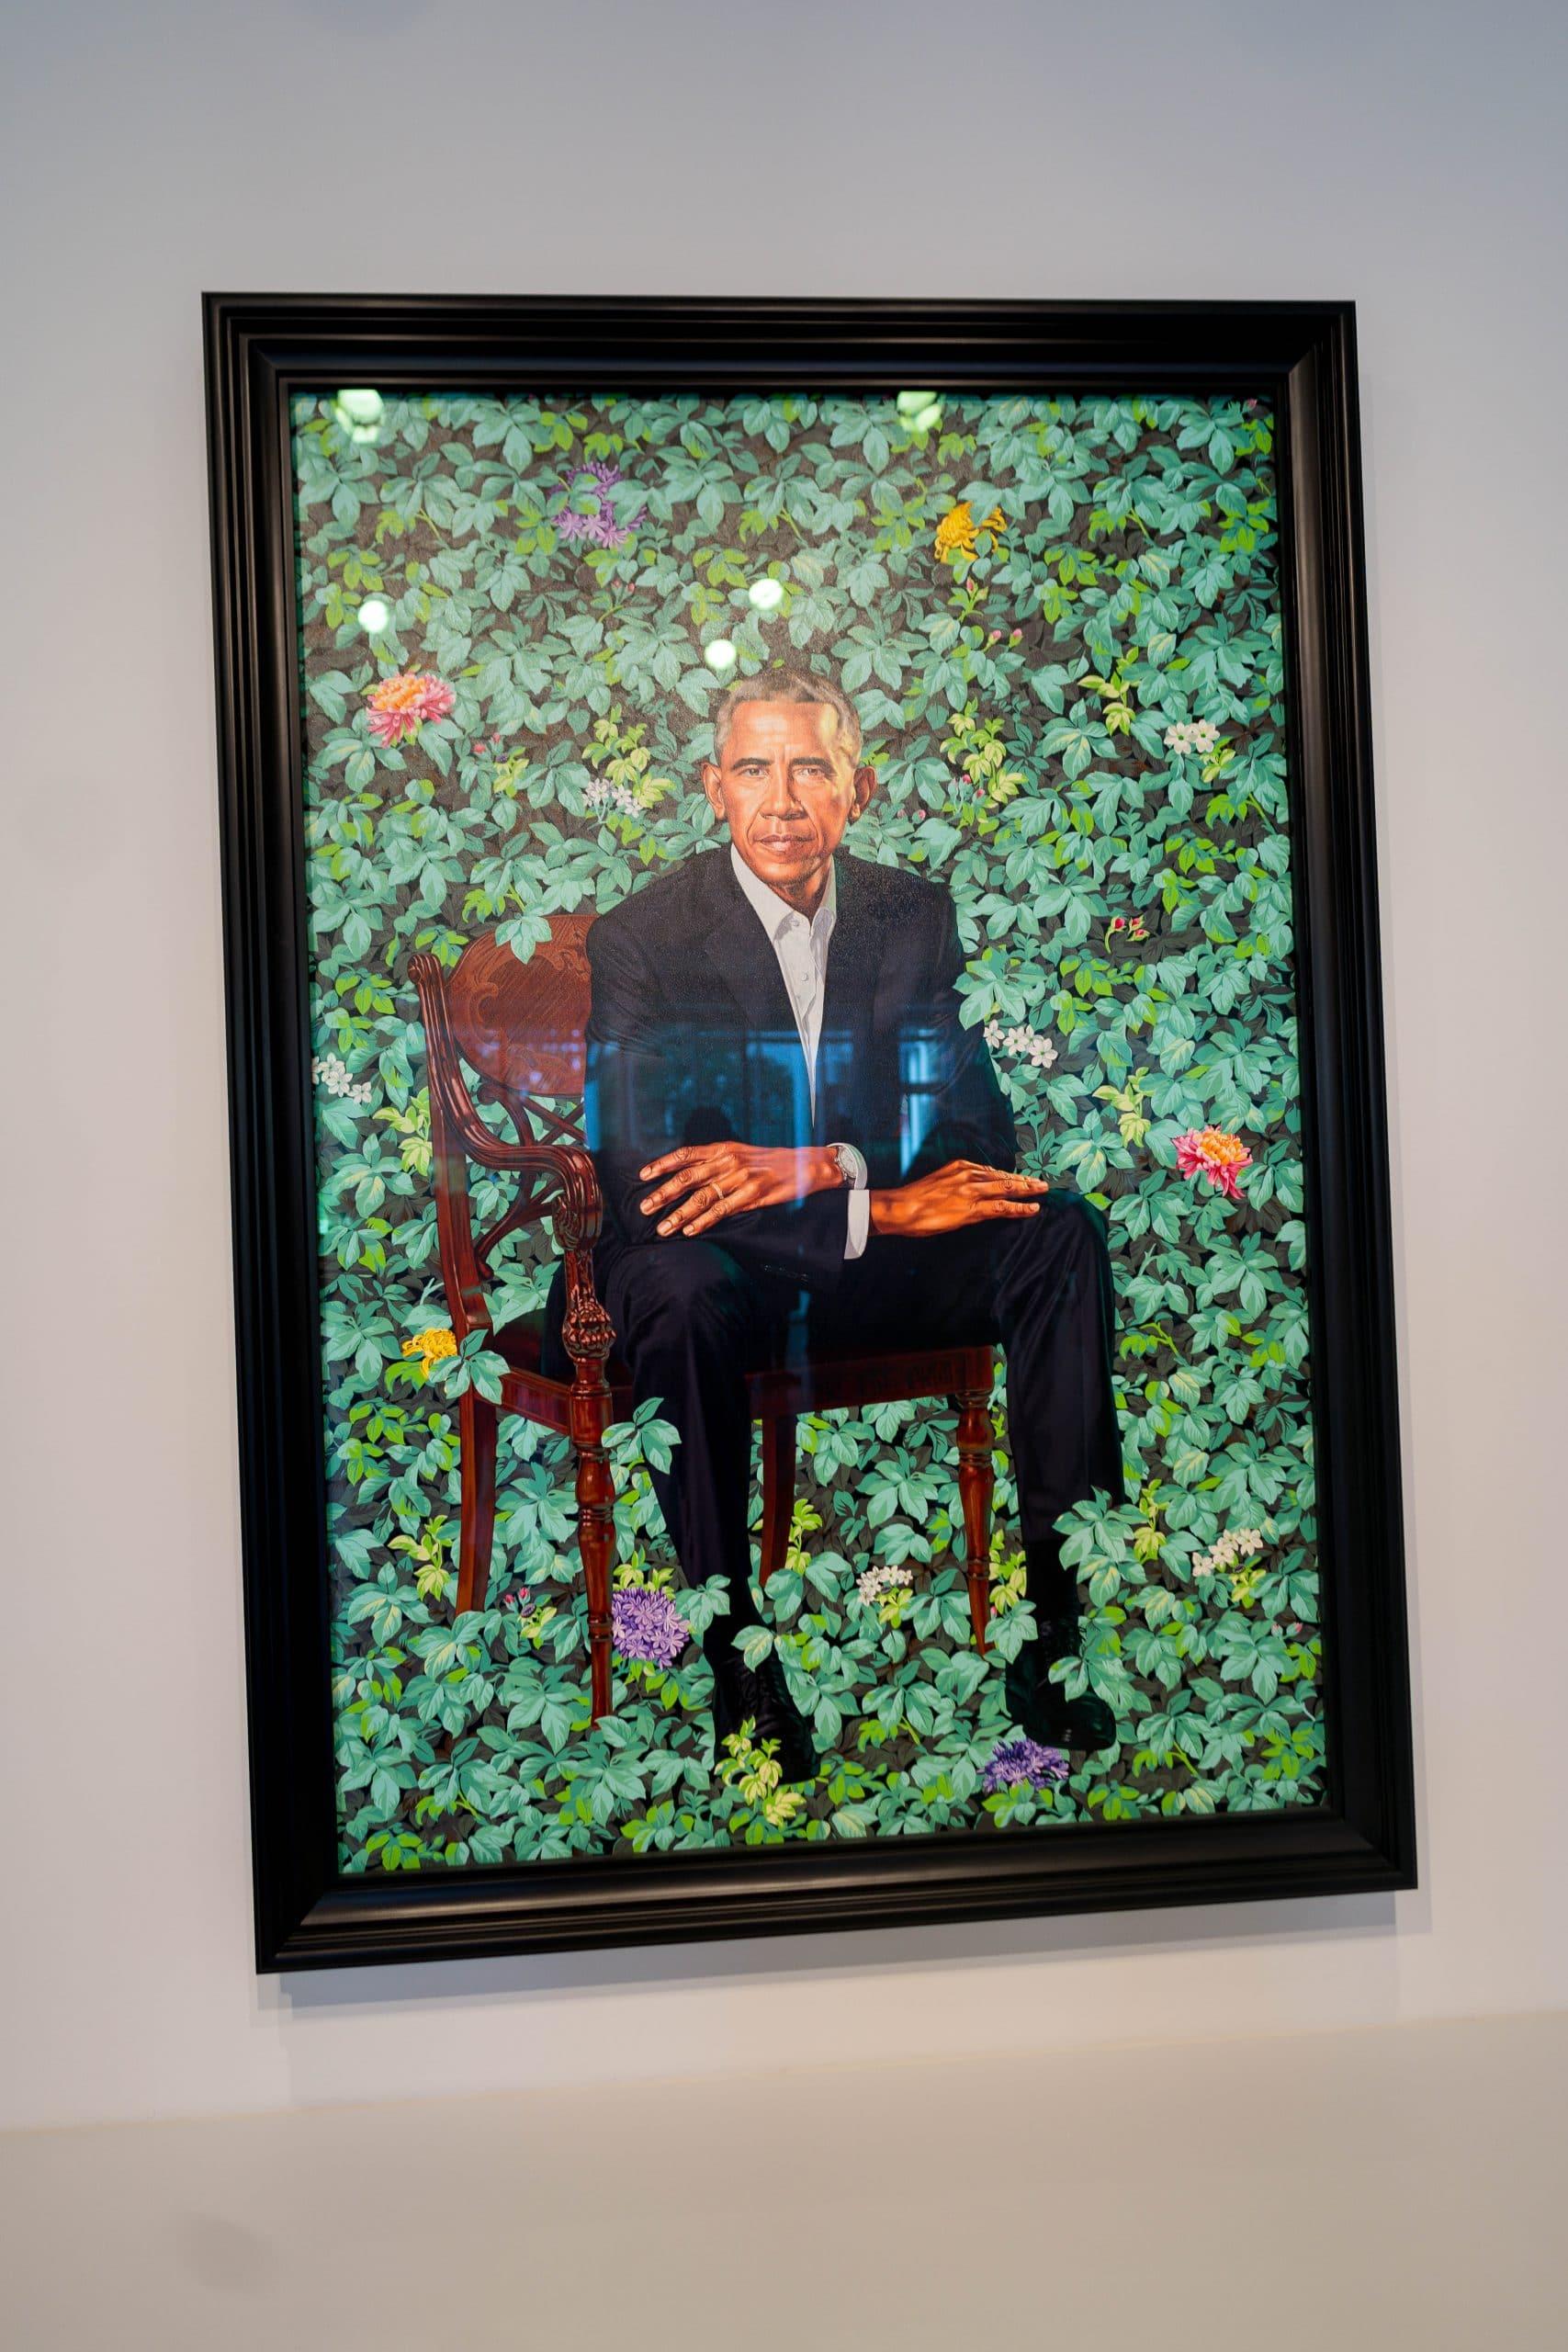 livinglesh barack obama portrait